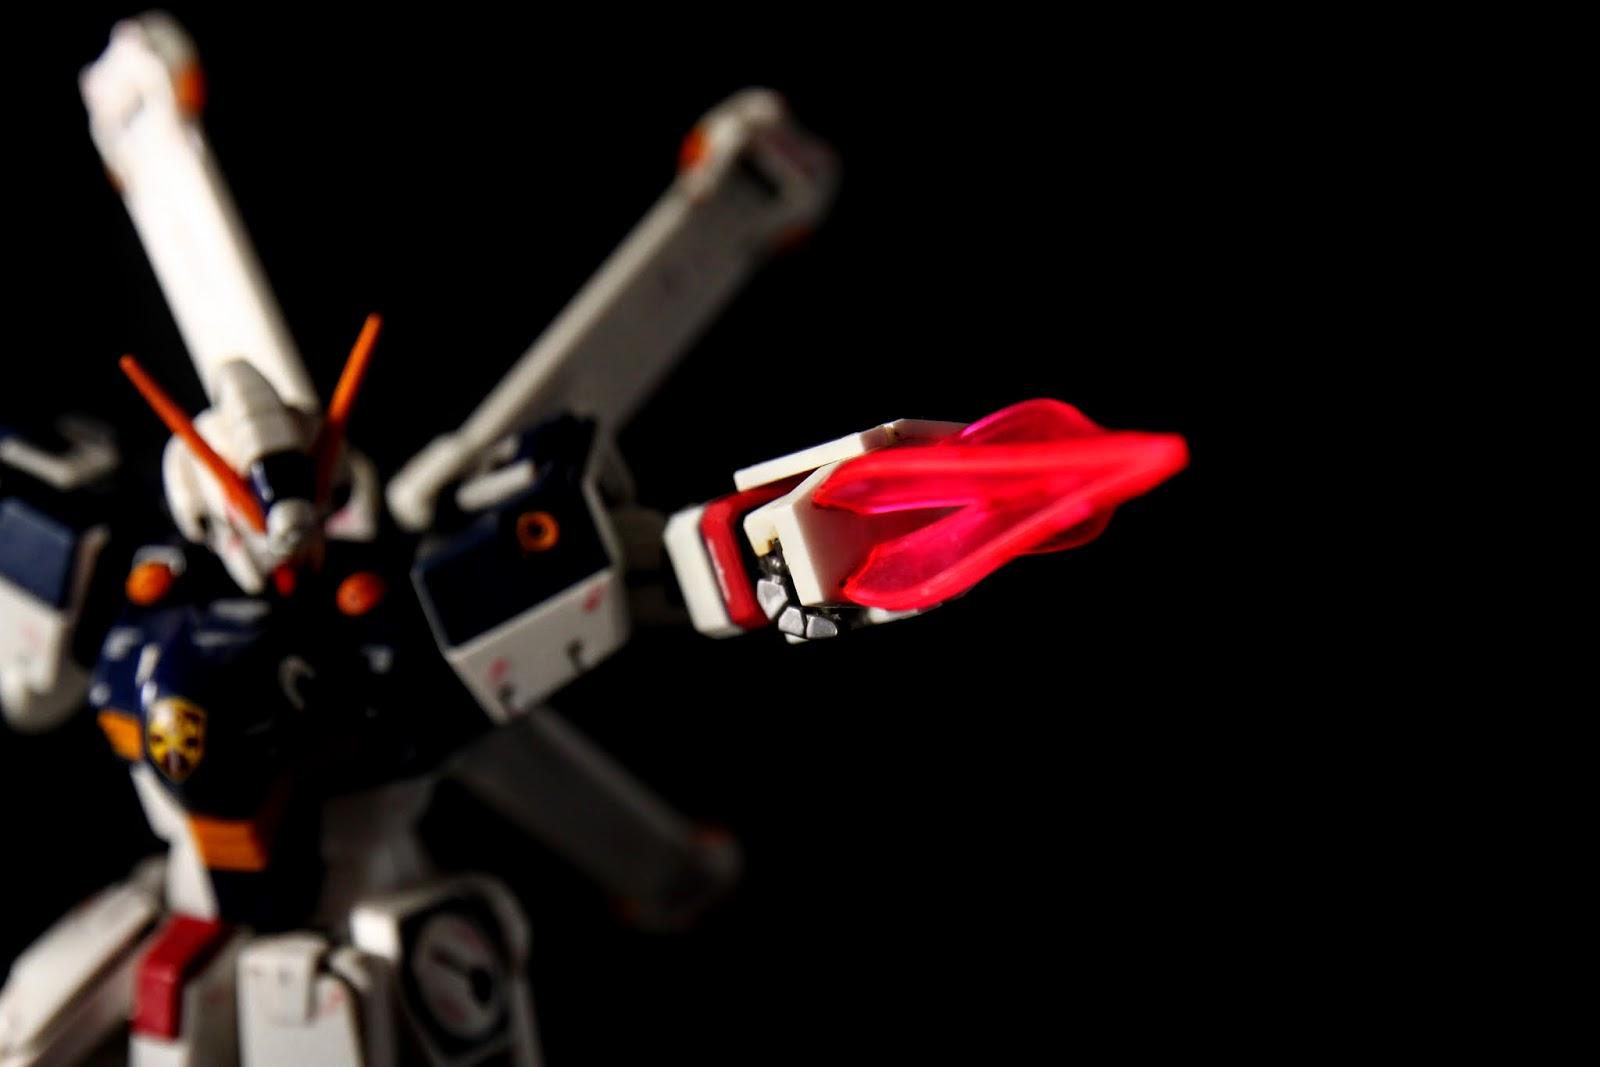 同時也是ビームシールド發生器, 左右手各一~ 但本款模型完全沒有附光束盾的零件!